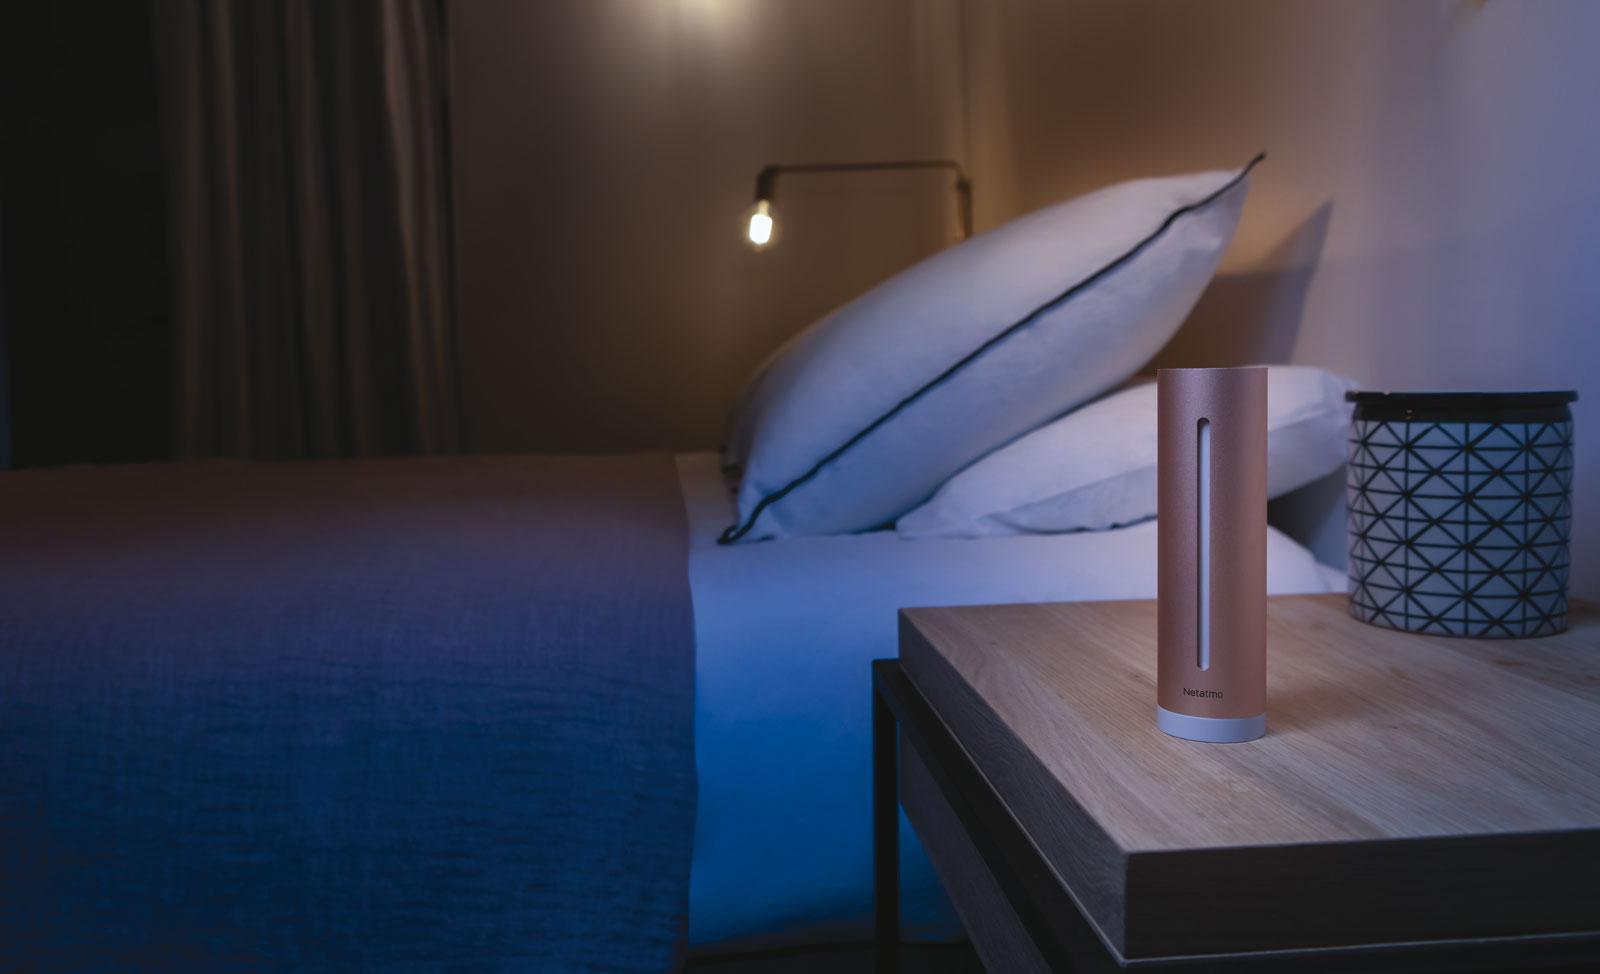 Netatmo Healthy Home Coach misst Temperatur, Luftfeuchtigkeit und Geräuschpegel.